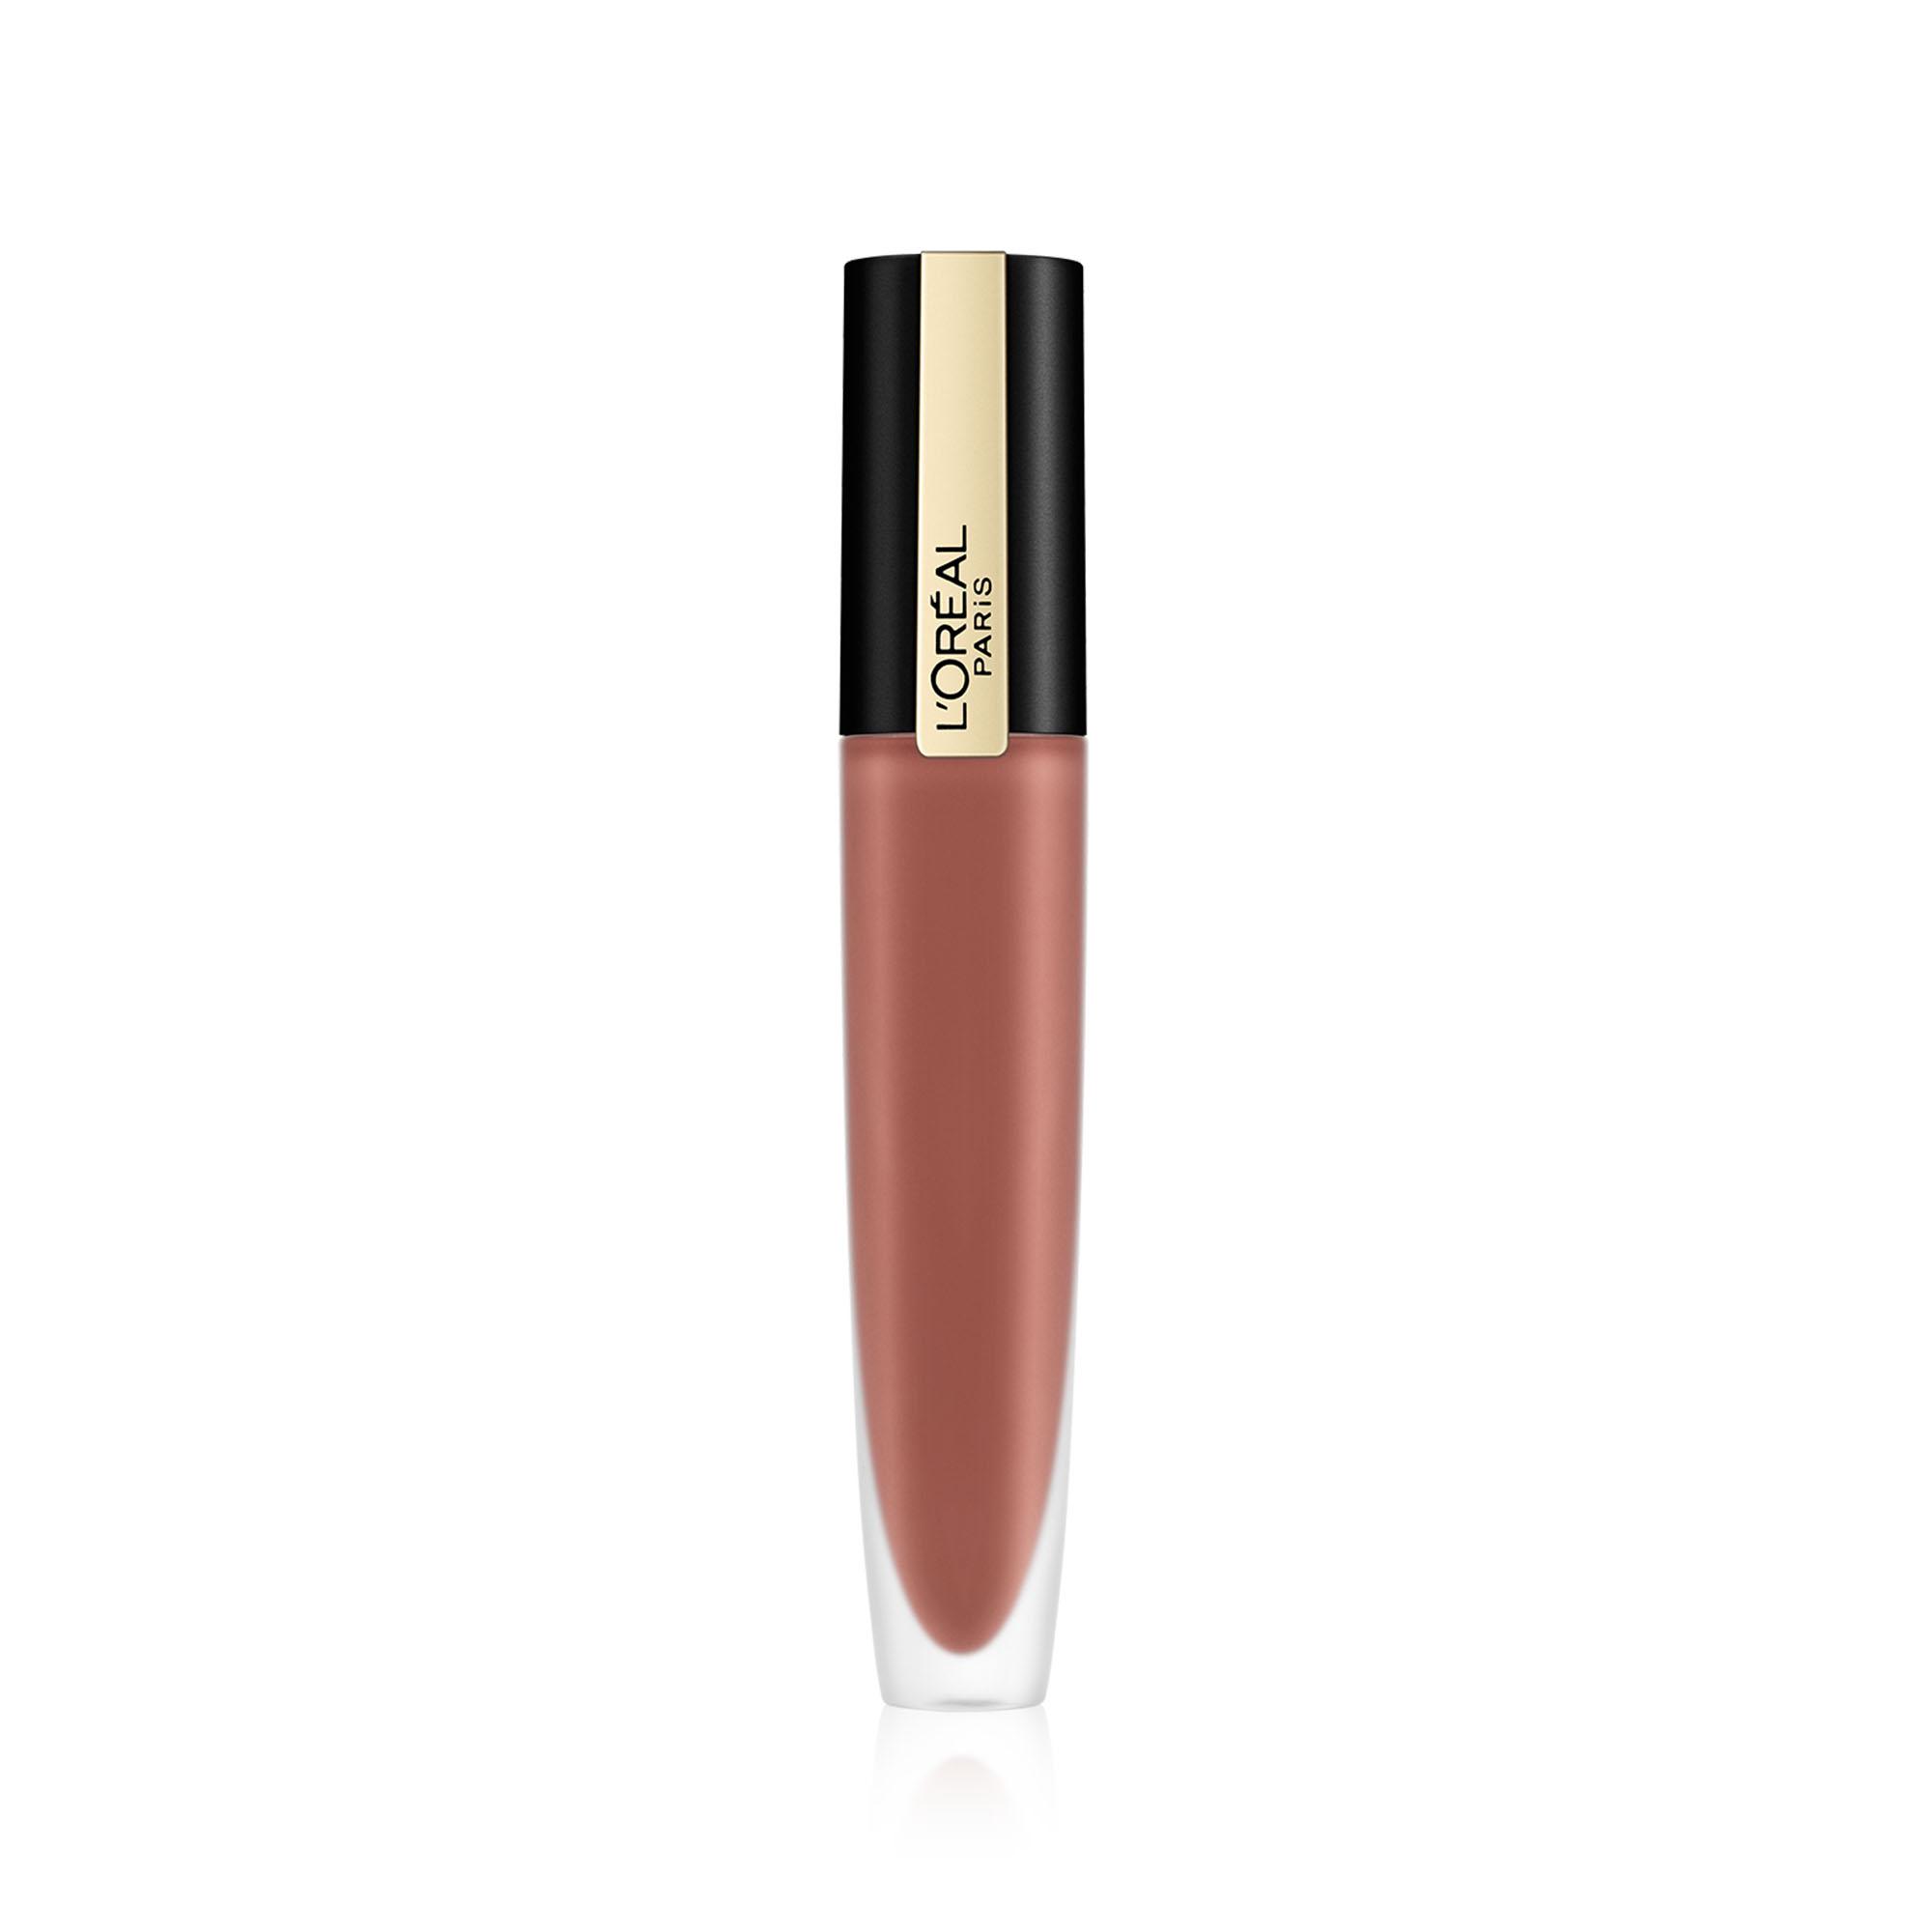 Купить Помада L'Oreal Rouge Signature Matte Liquid Lipstick 116 Я исследую 7 мл, L'Oreal Paris